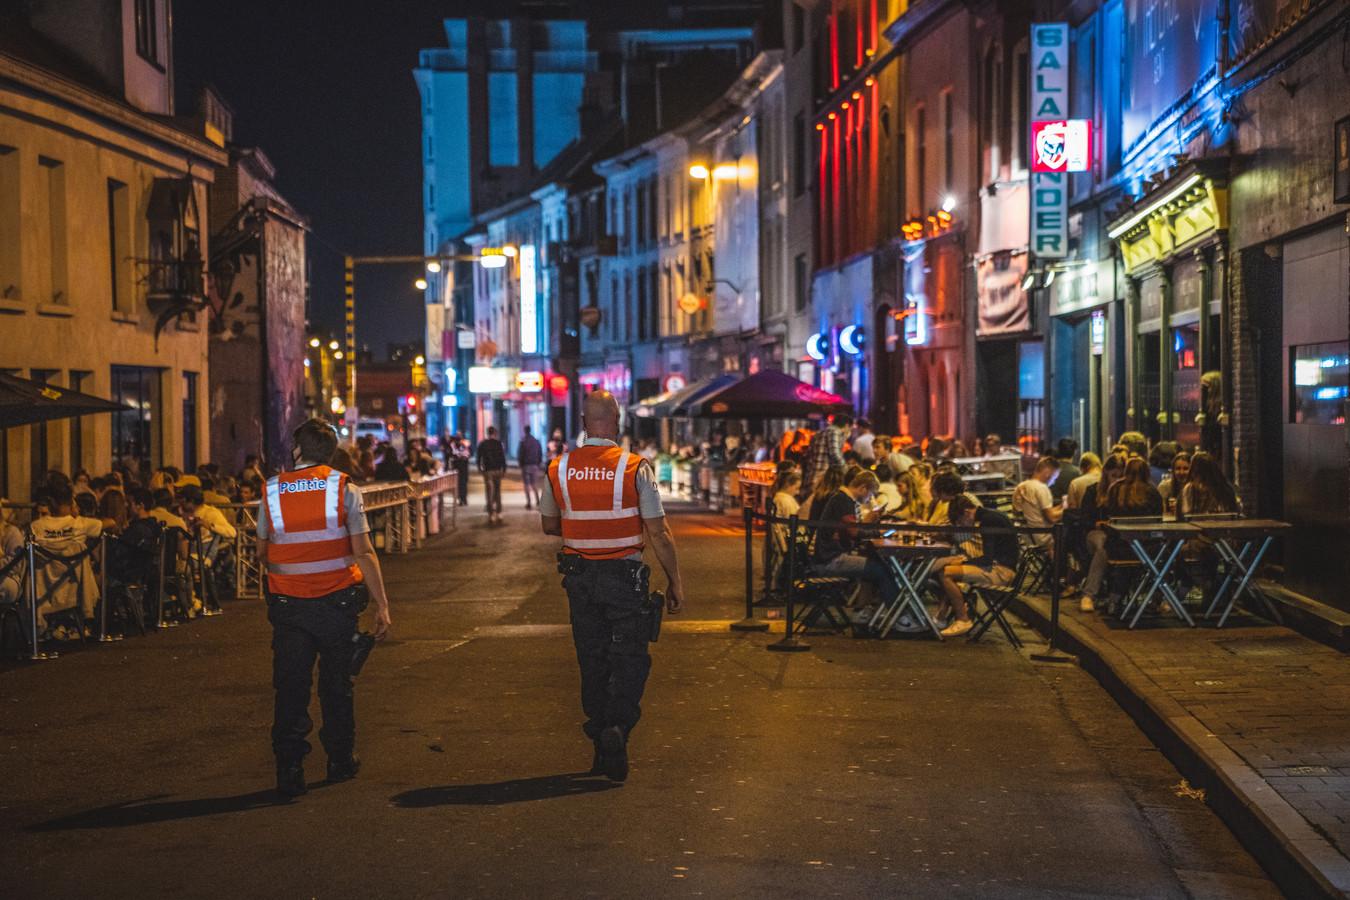 Een Brusselse advocaat riskeert een celstraf van 6 maanden wegens aanranding van een jonge vrouw in de Gentse Overpoortstraat in 2019